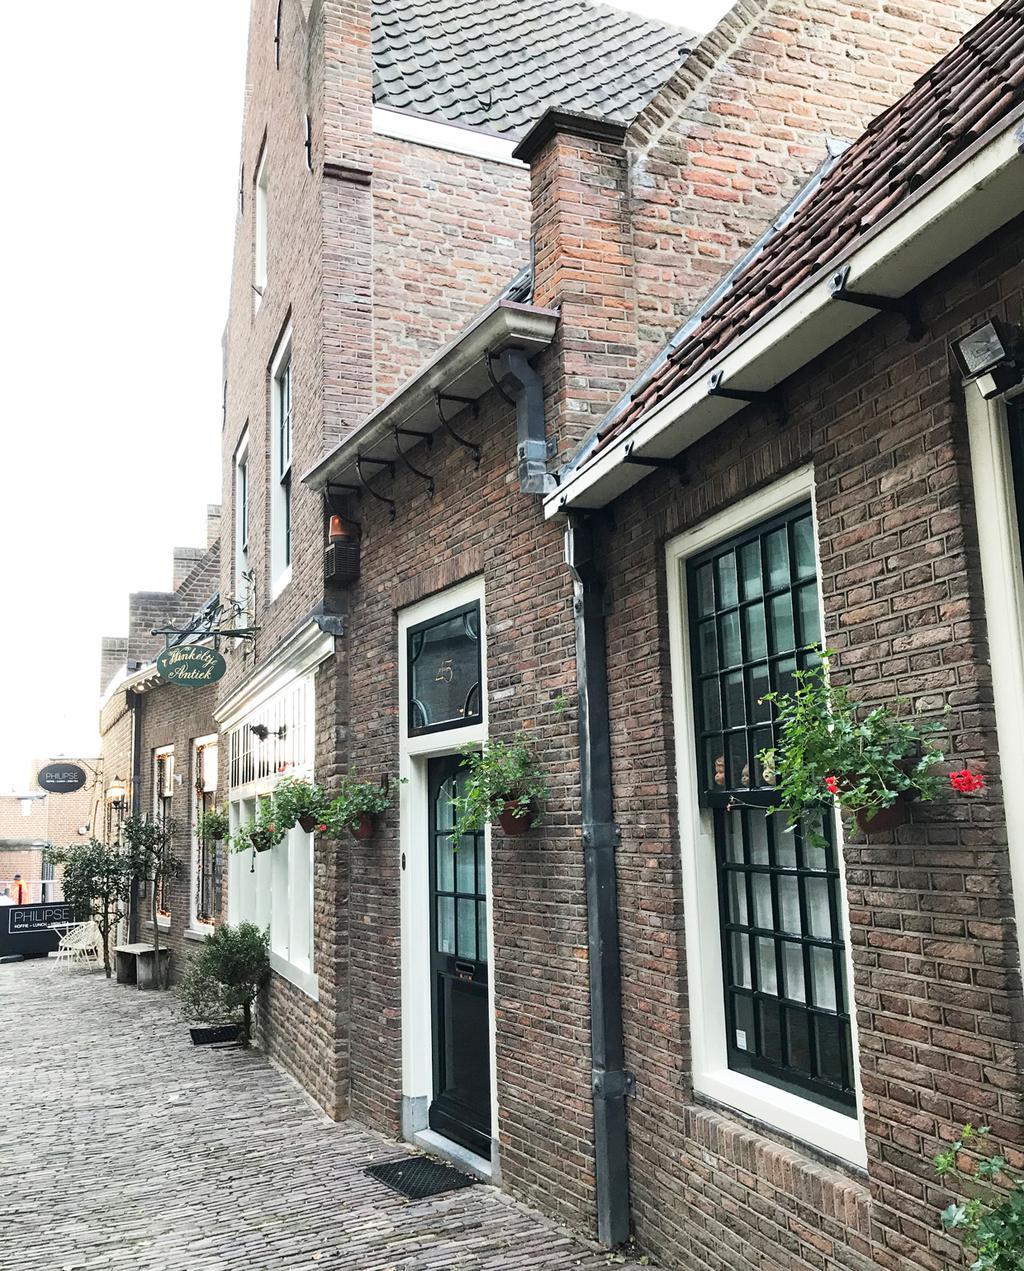 vtwonen 13-2019 | Citytrip Nijmegen: een onderbelichte parel